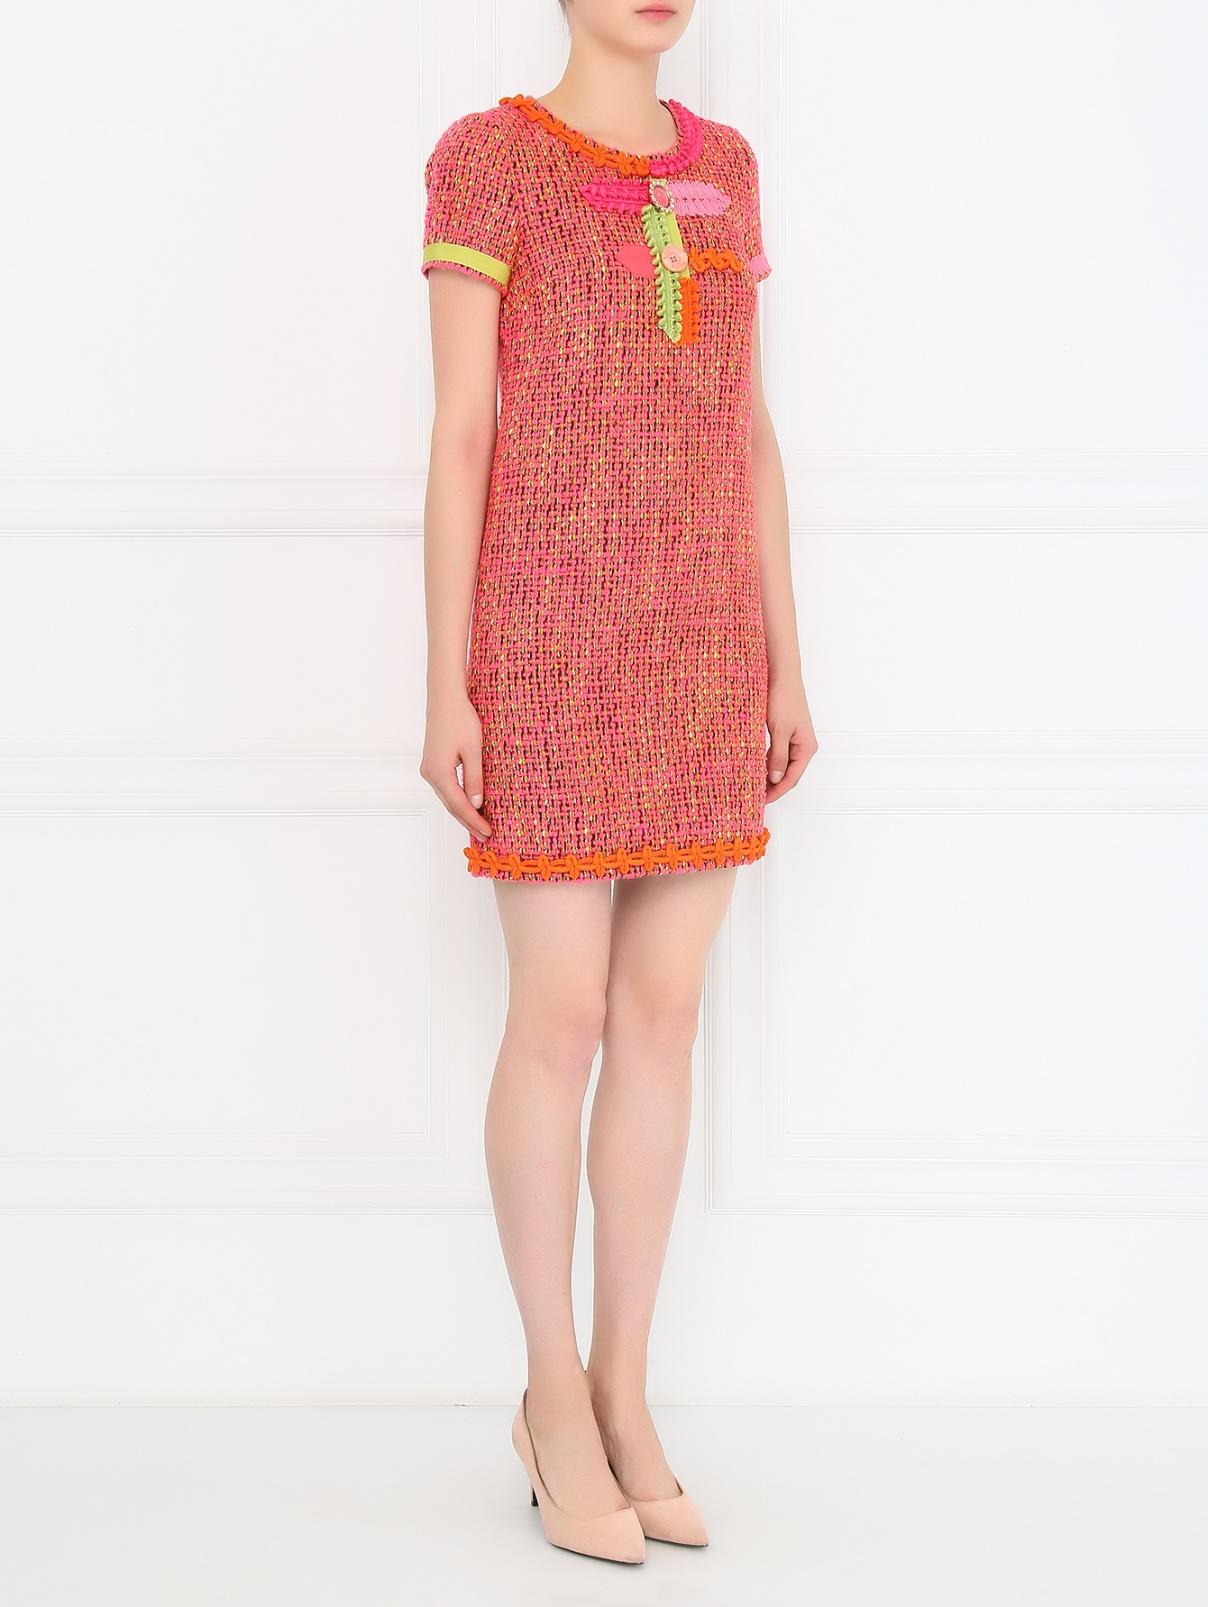 Платье-мини с аппликацией и фурнитурой Moschino Boutique  –  Модель Общий вид